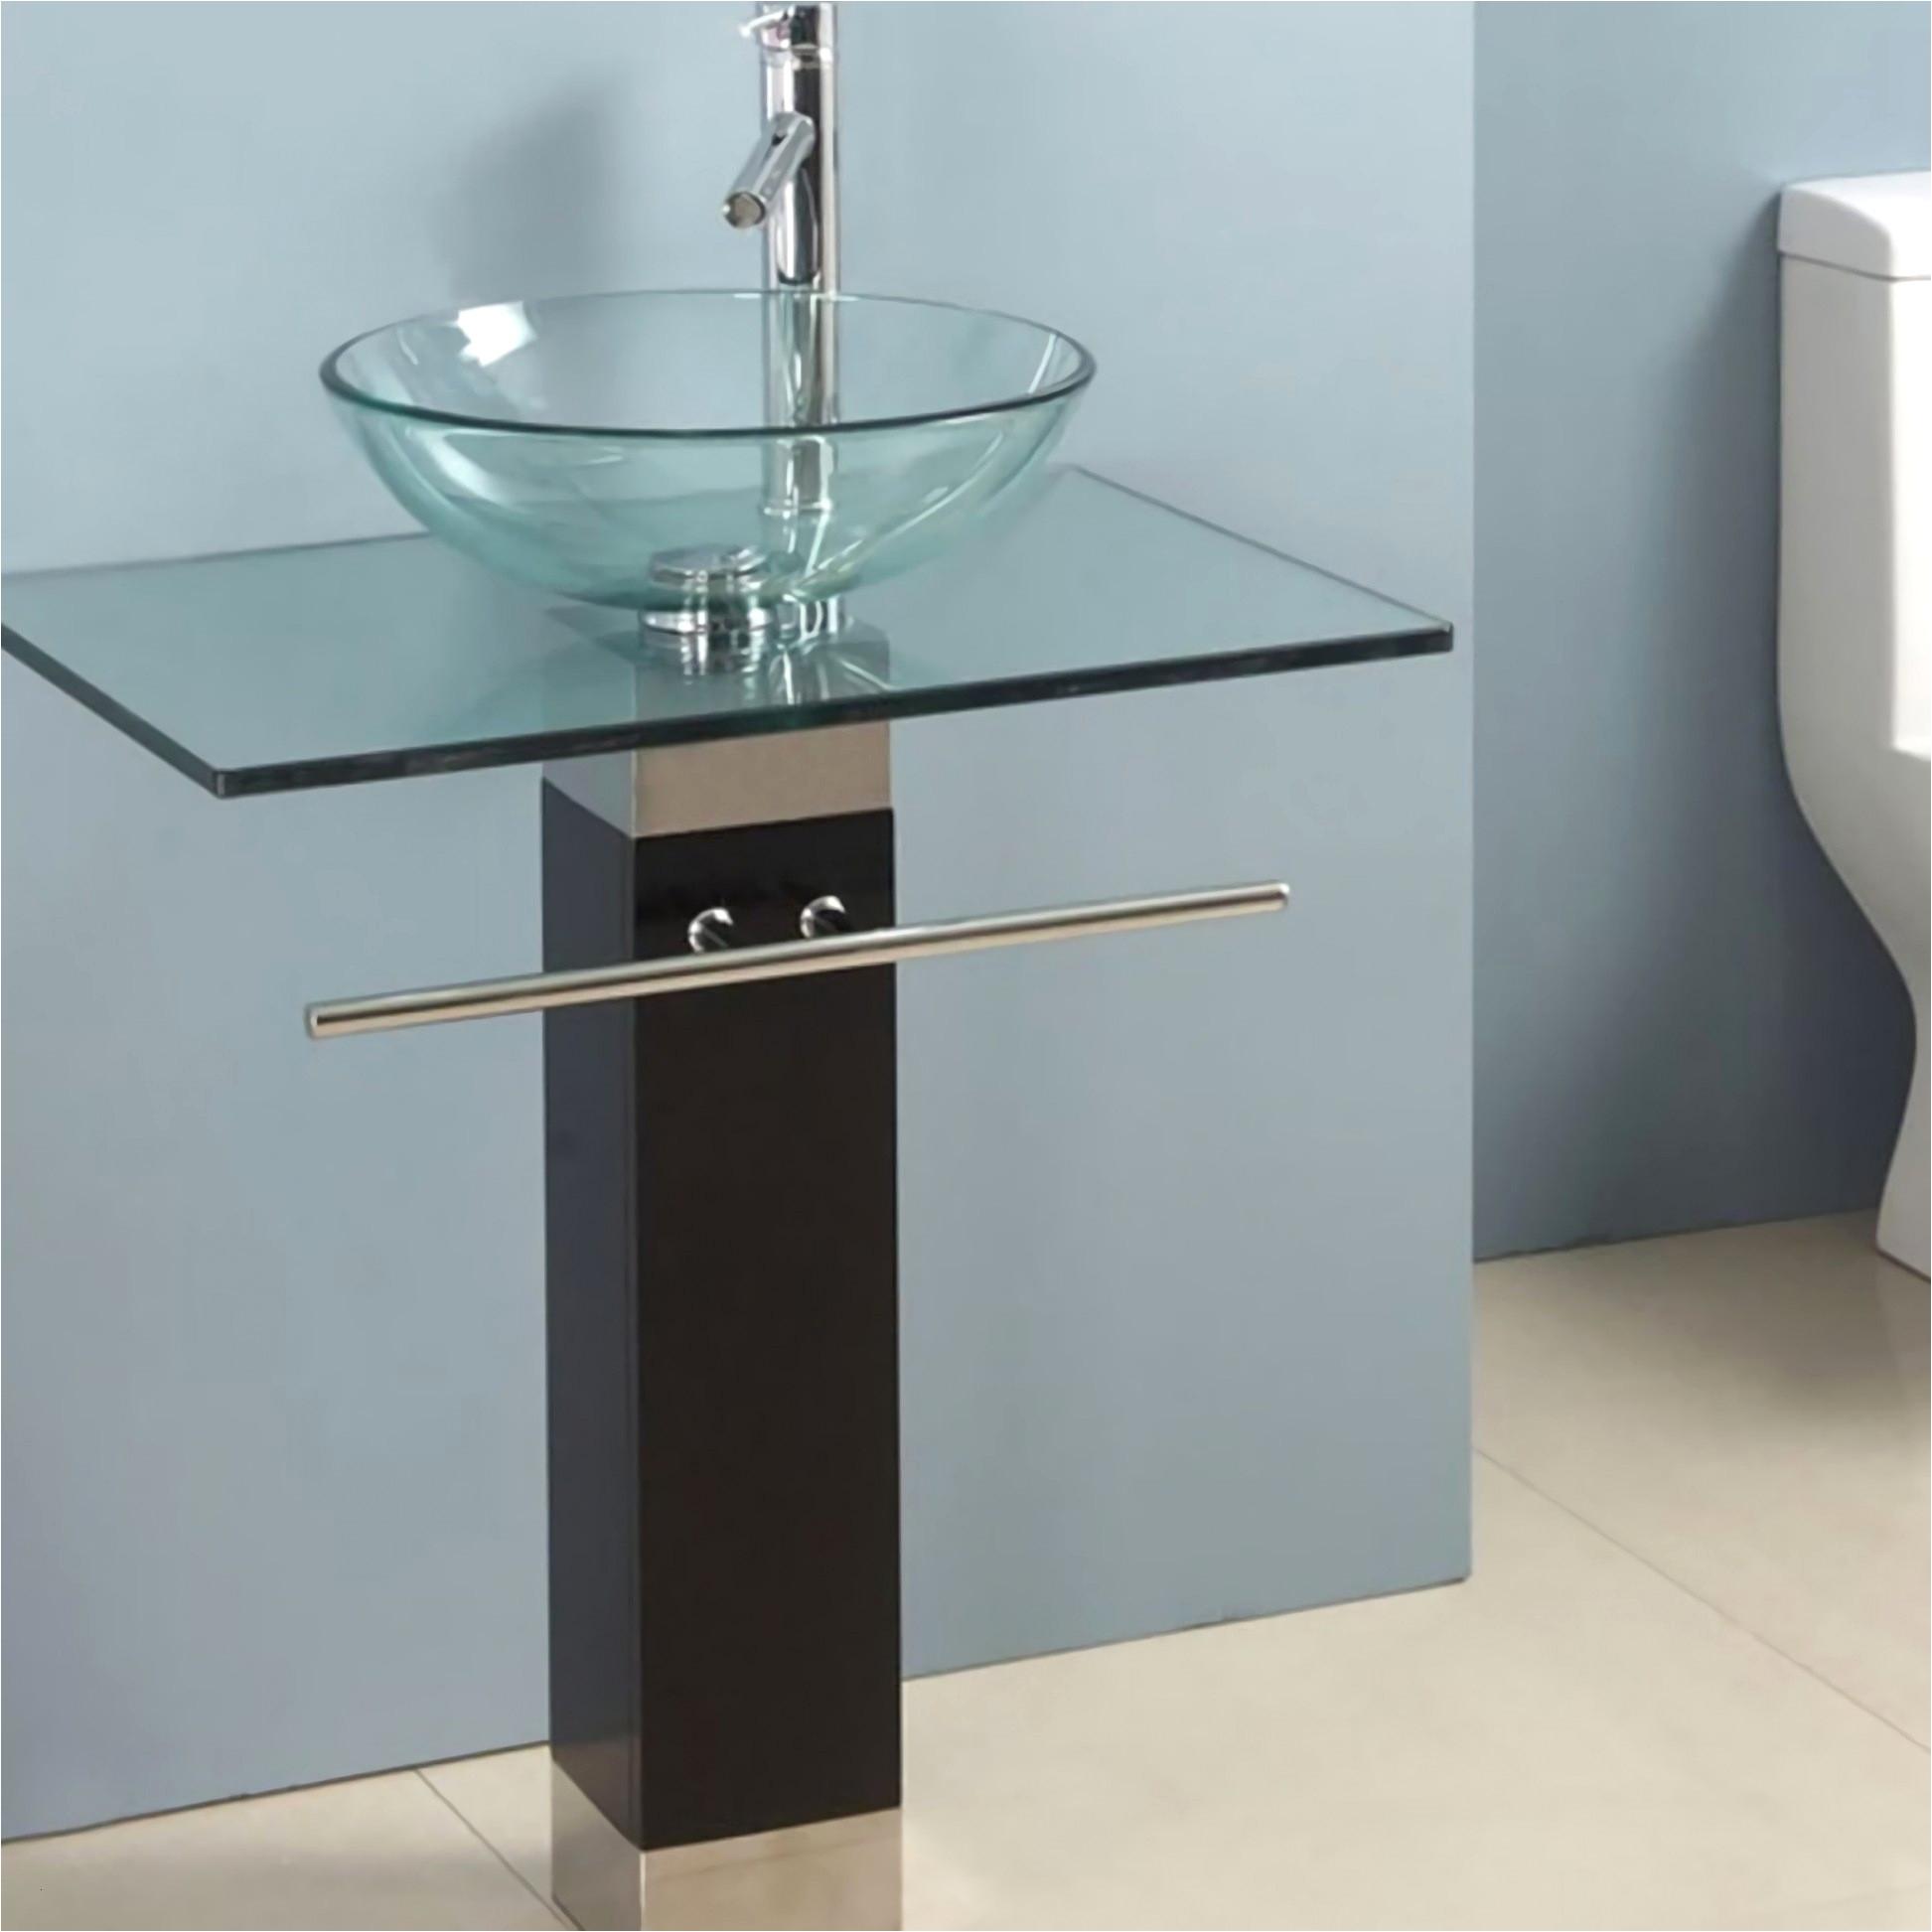 ebay bathtubs awesome der spiegel scha¶n schrank spiegel 0d archives kleiderschrank mit ebay bathtubs